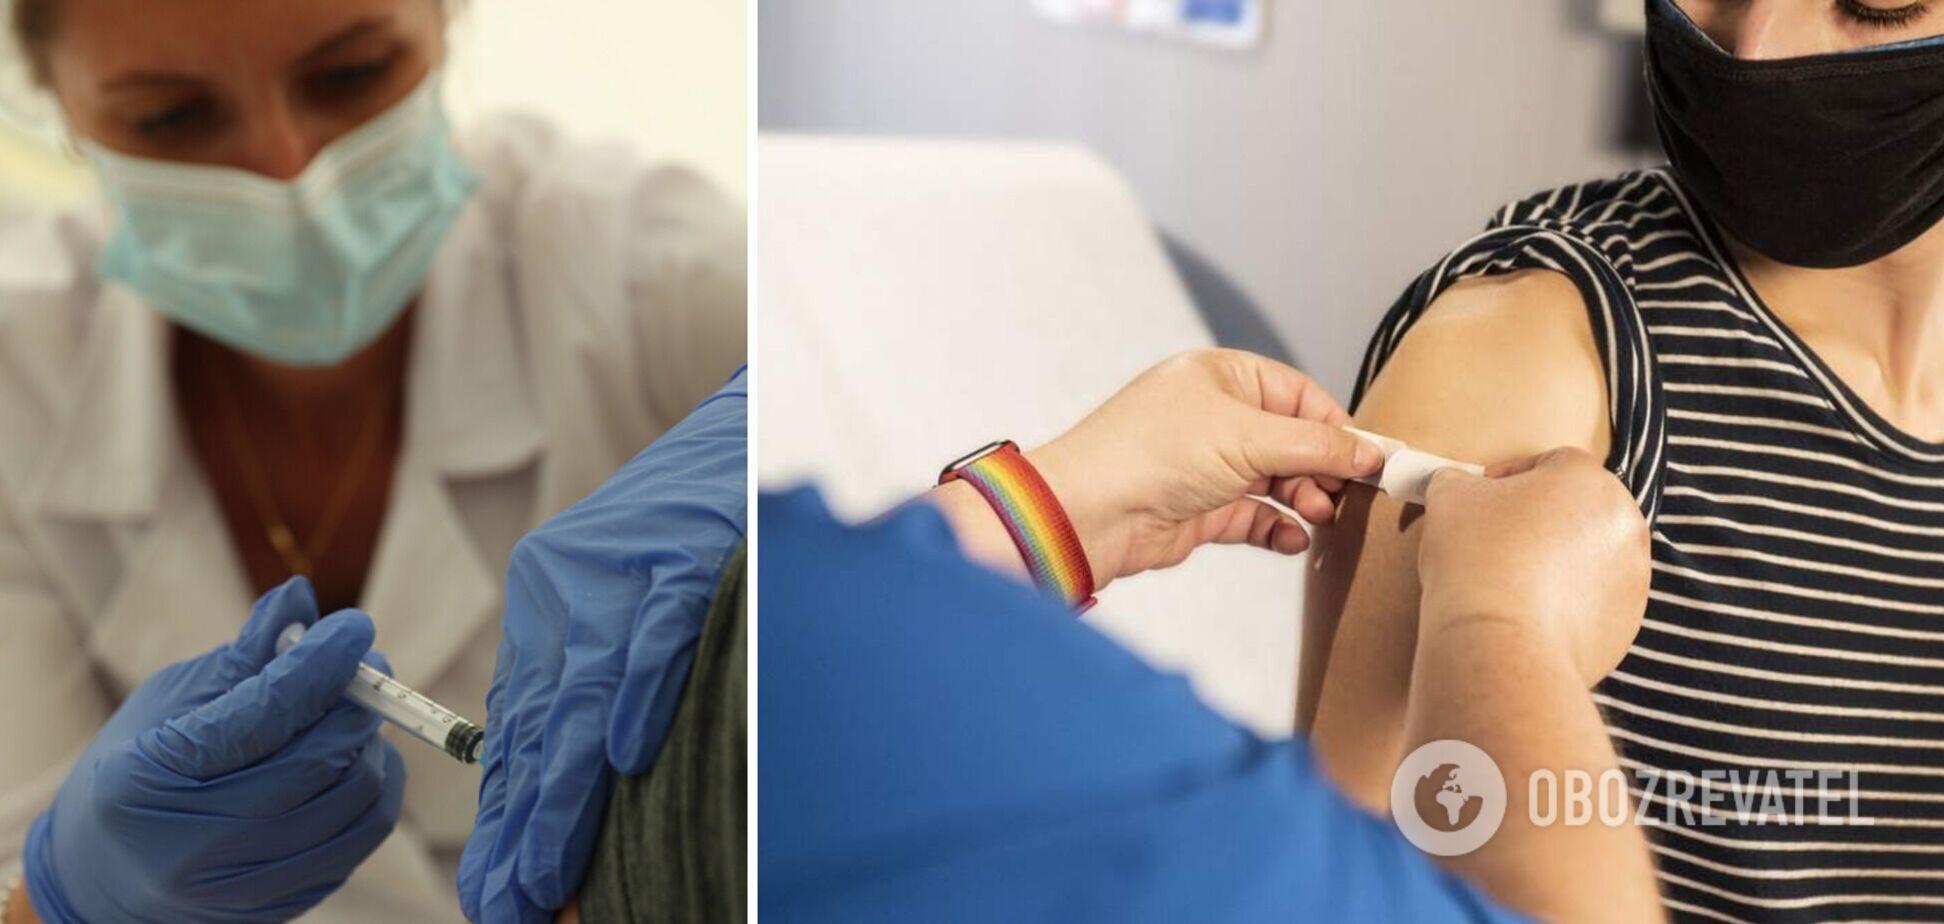 Минздрав разрешил прививать детей от коронавируса: кому и какую вакцину будут колоть